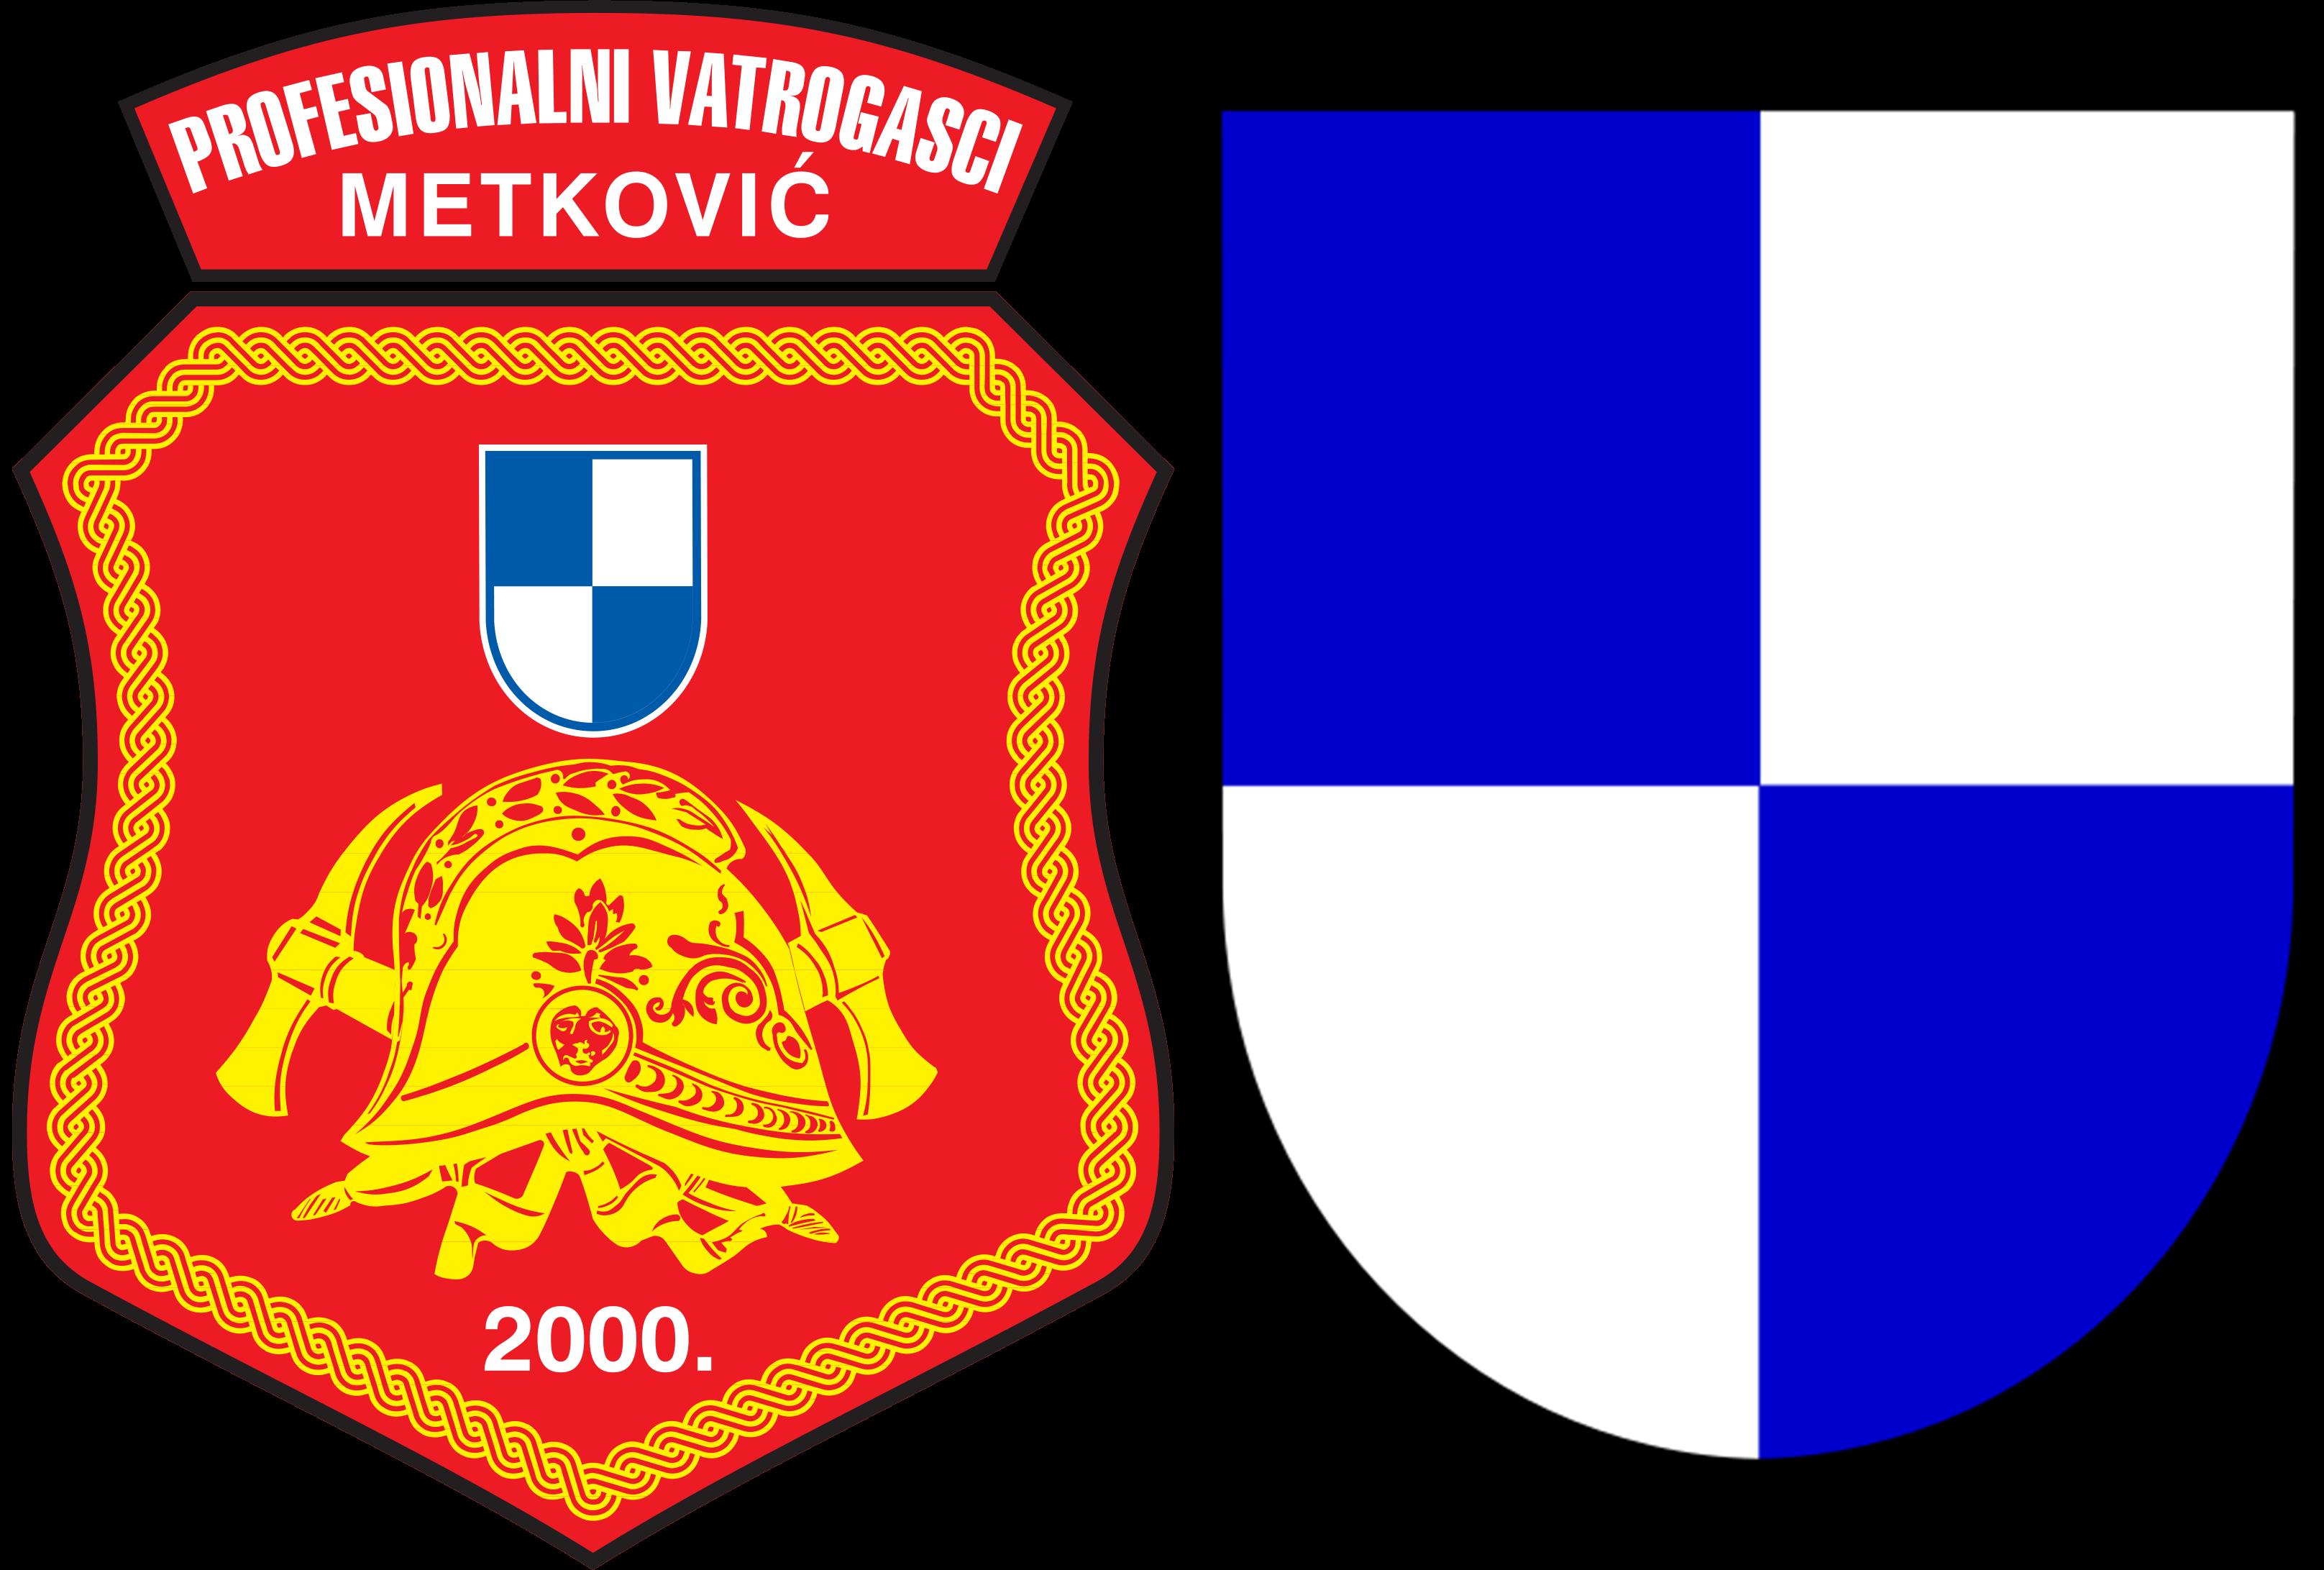 JVP Metković